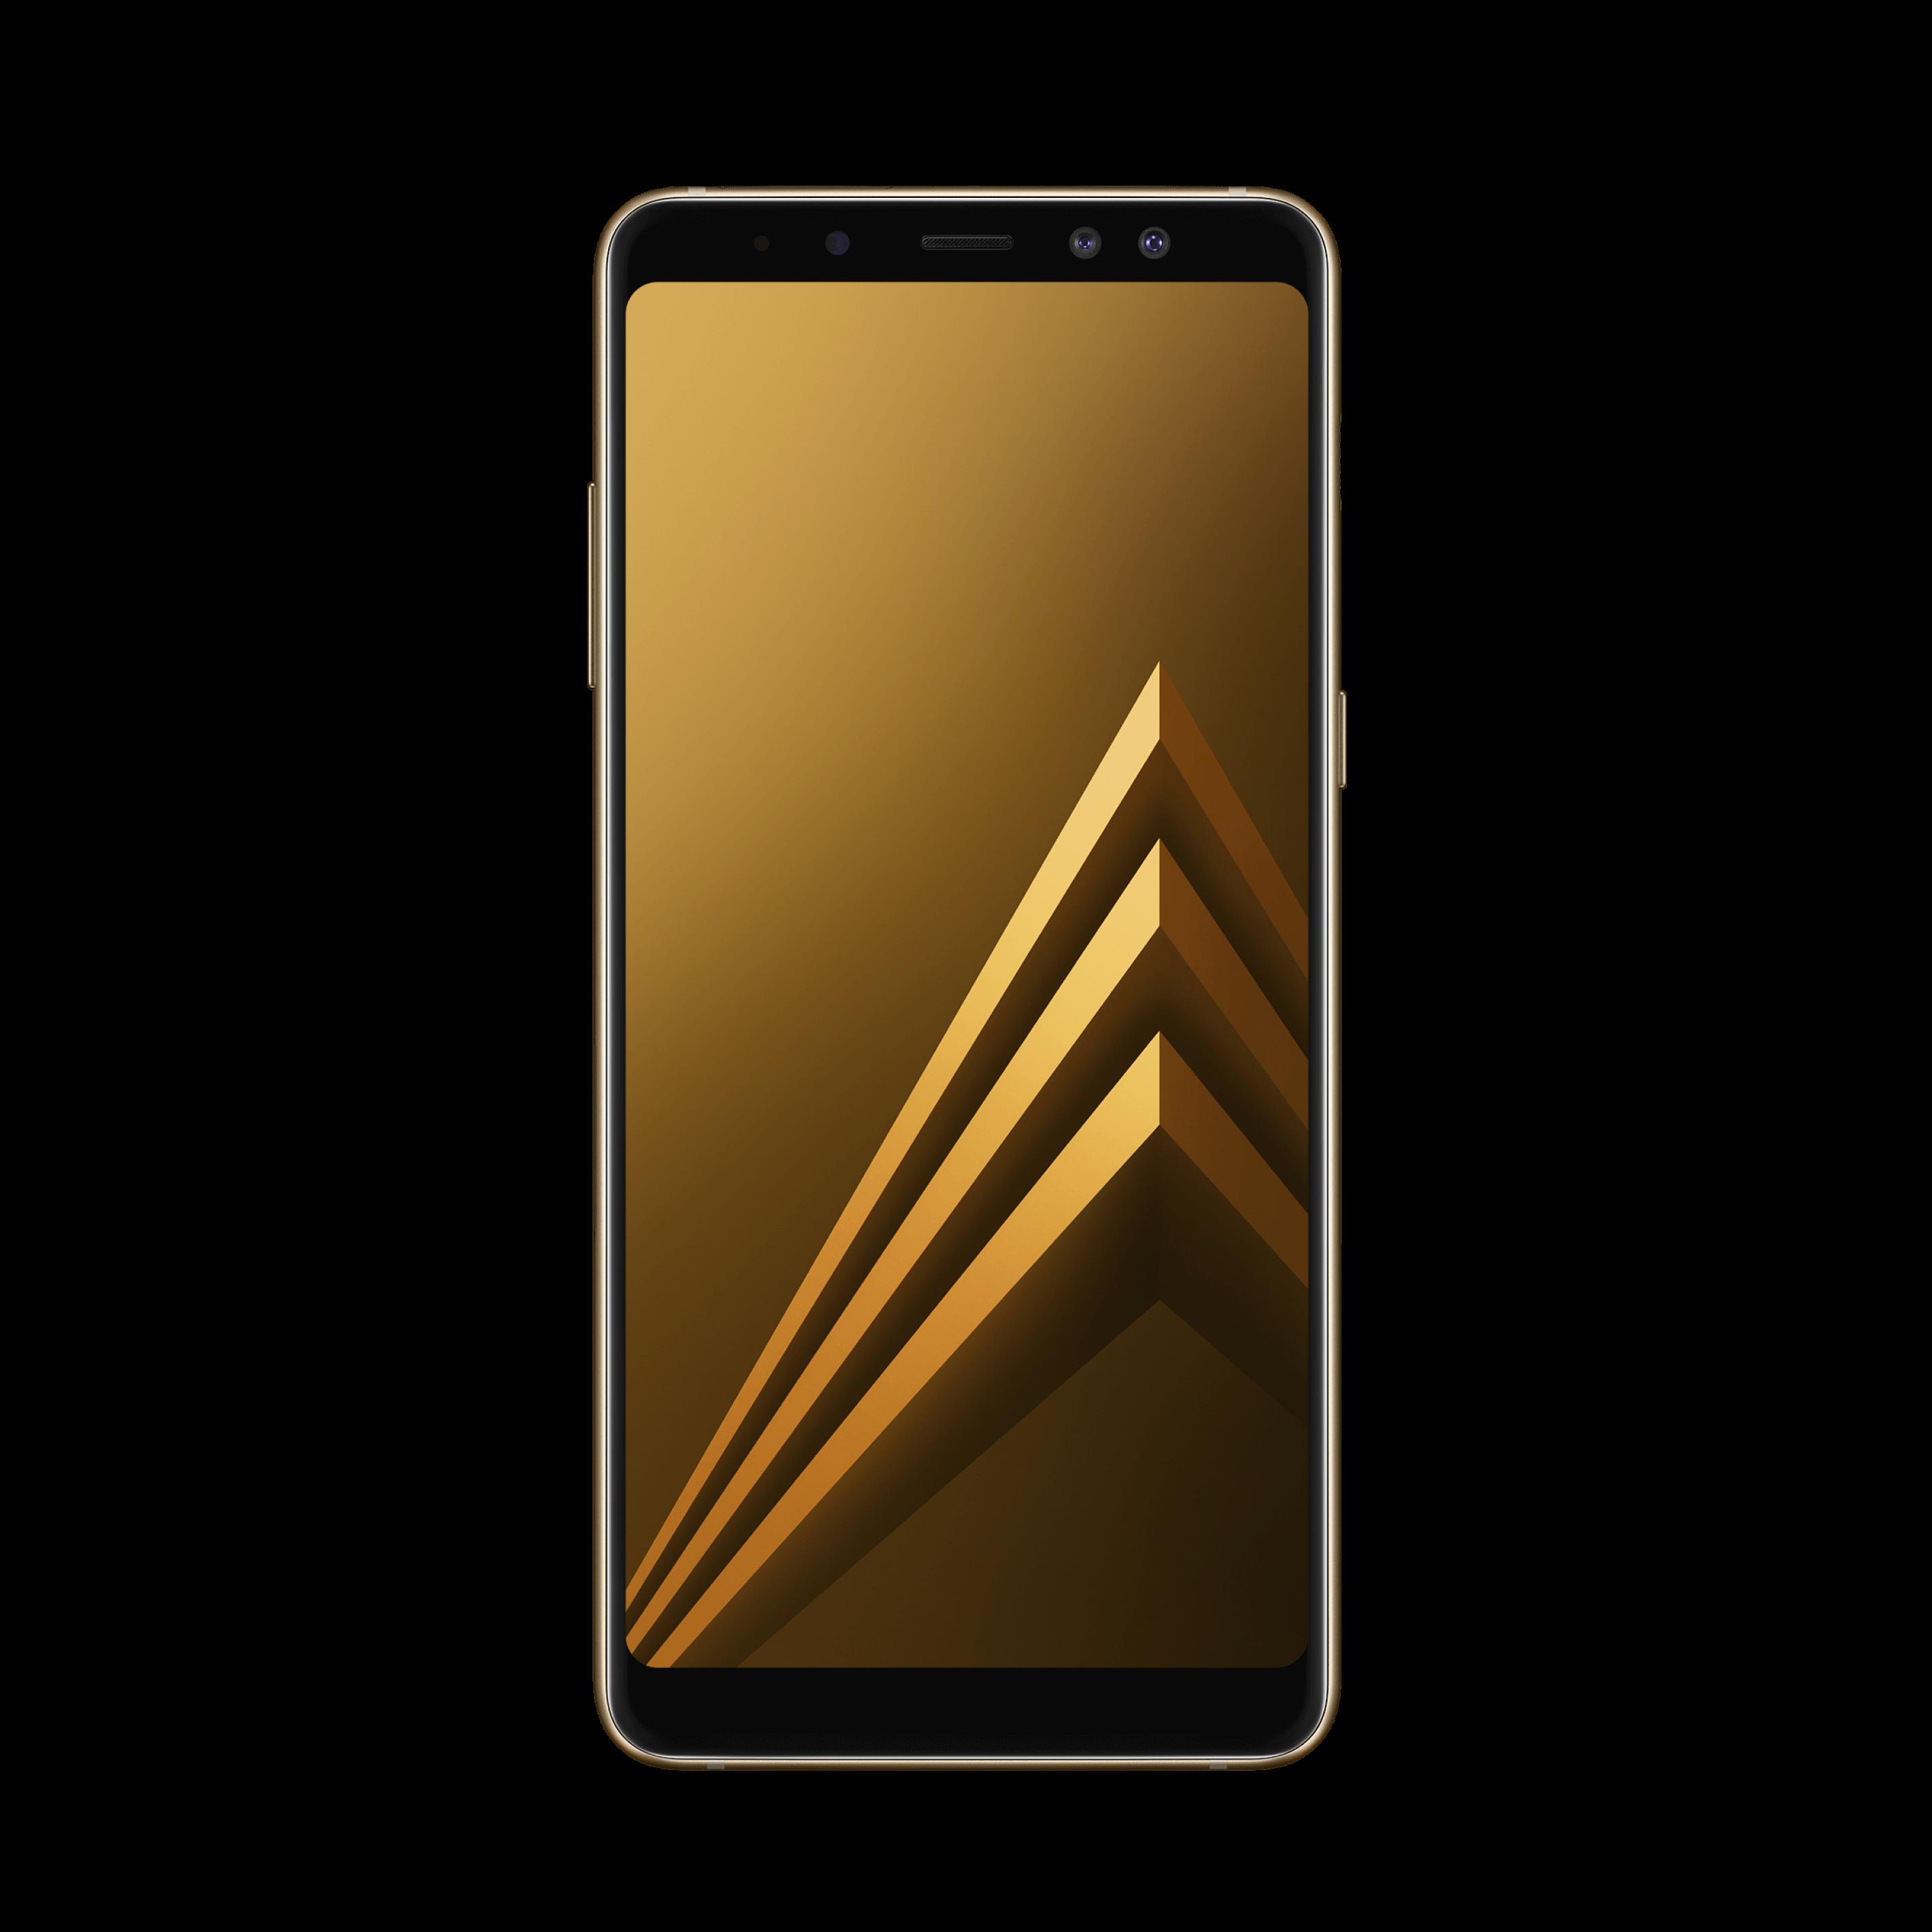 dd461853ec7f9 Galaxy A8 Plus 32GB Gold